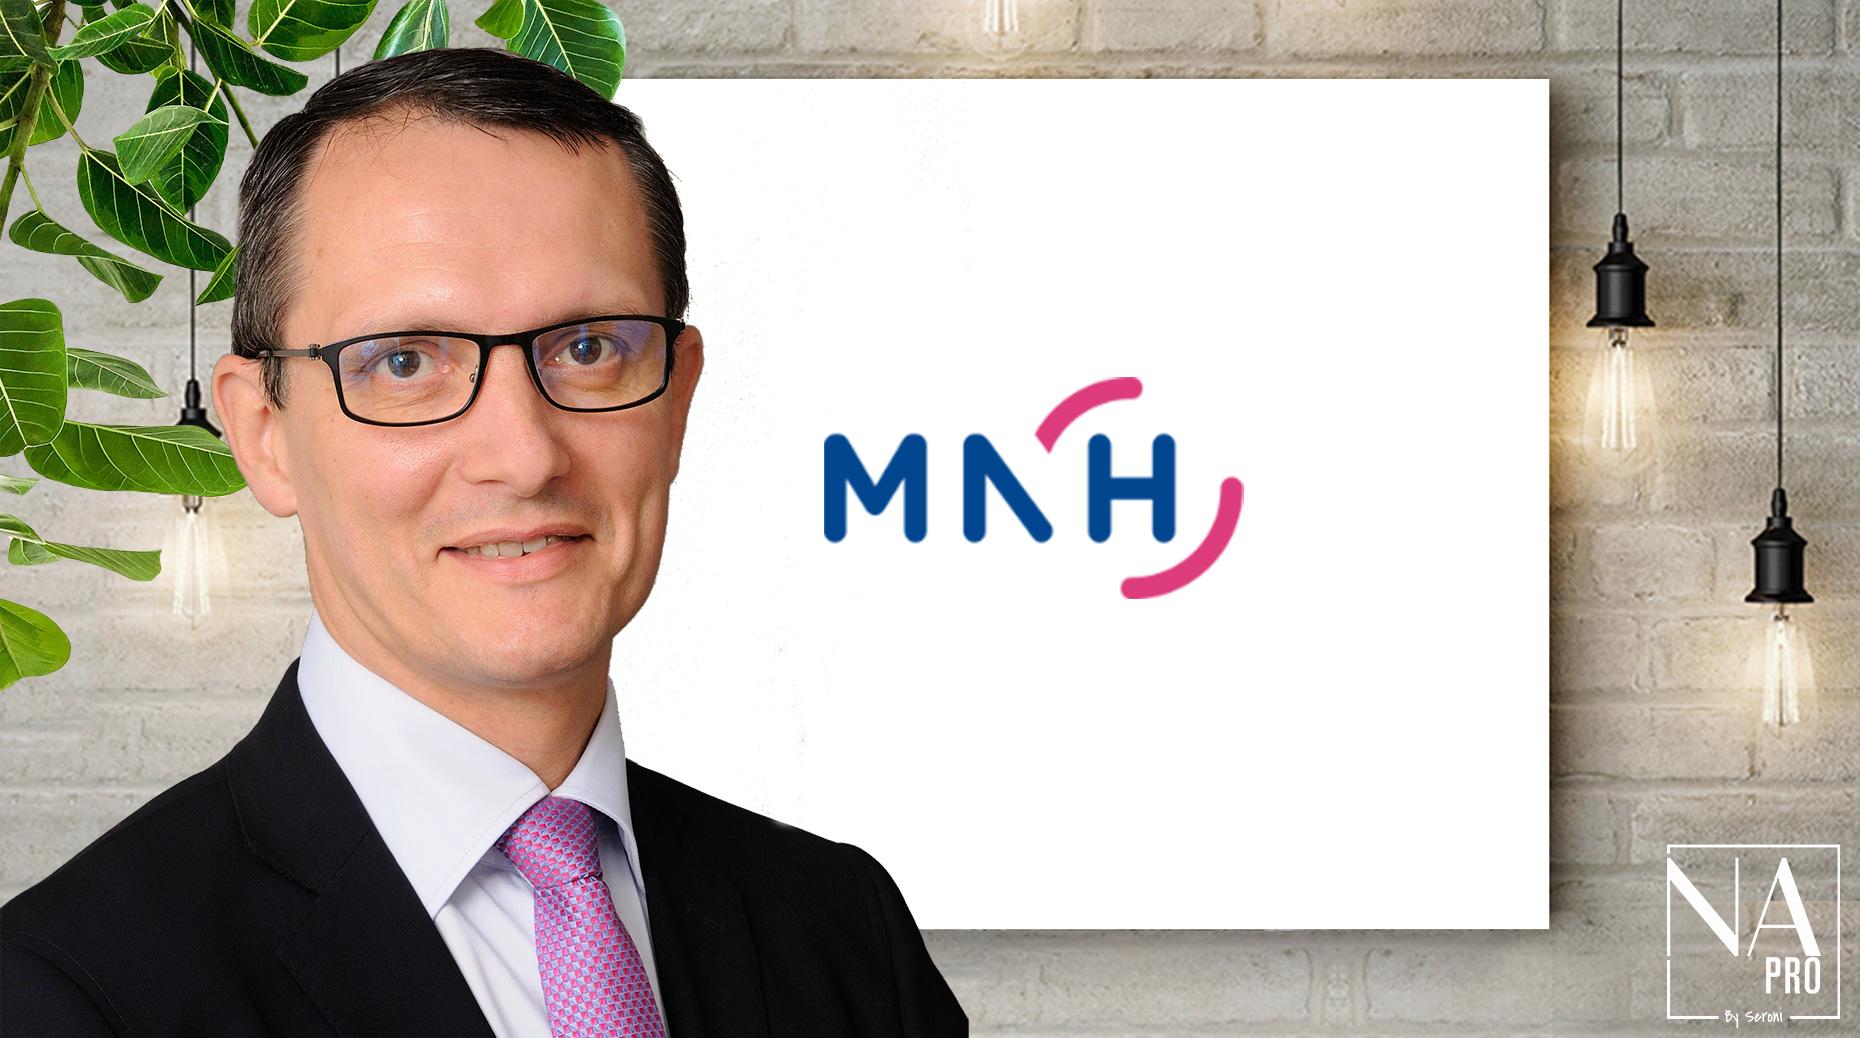 Benoît Fraslin MNH